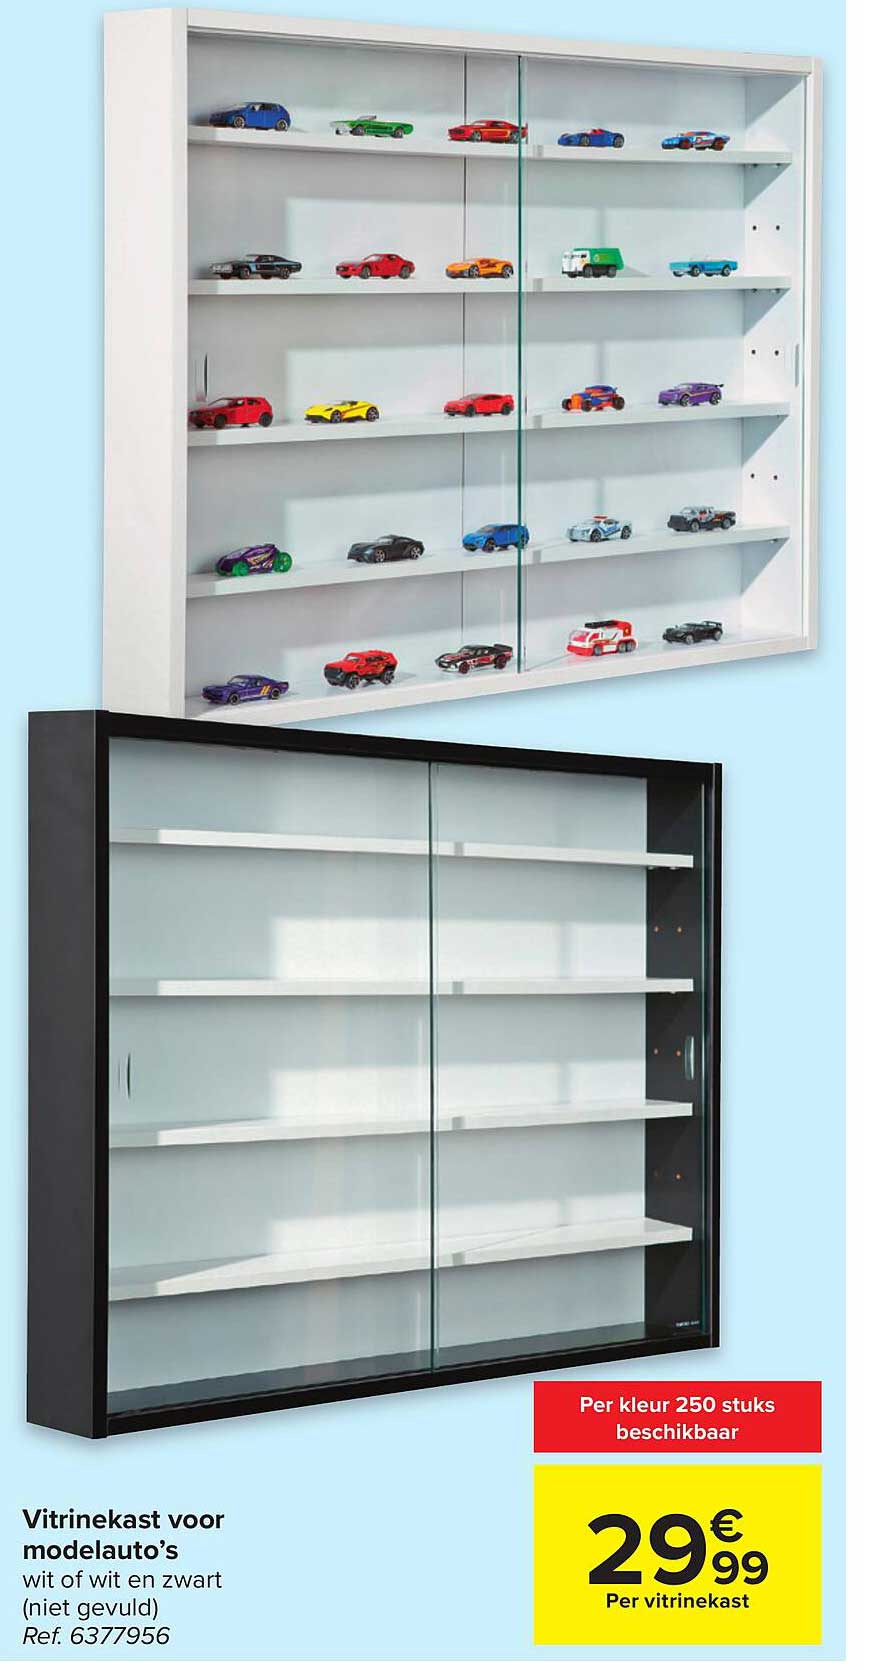 Hyper Carrefour Vitrinekast Voor Modelauto's